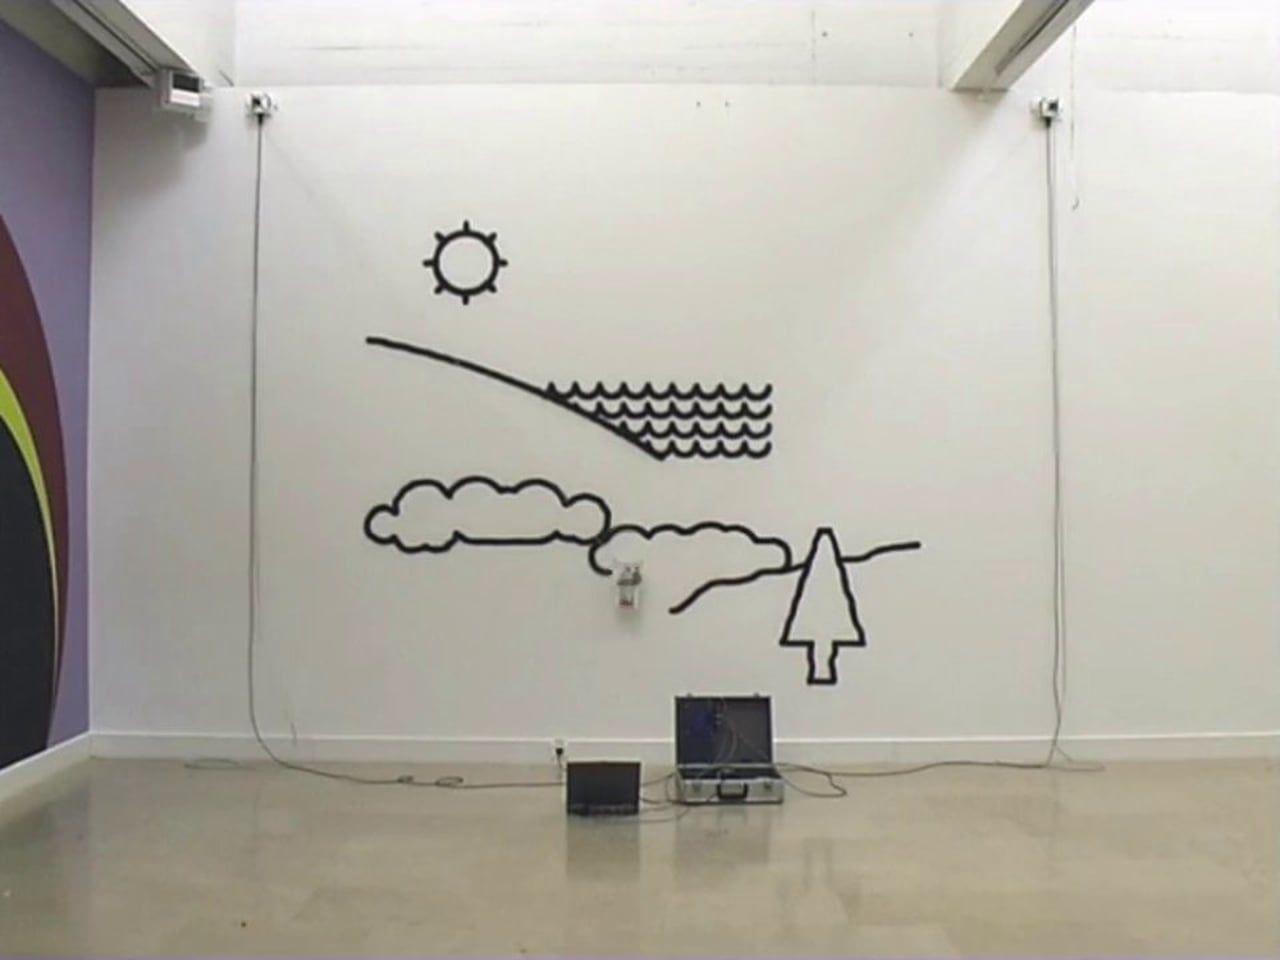 Hektor, un traceur suspendu pour grapheurs #DrawBots #art